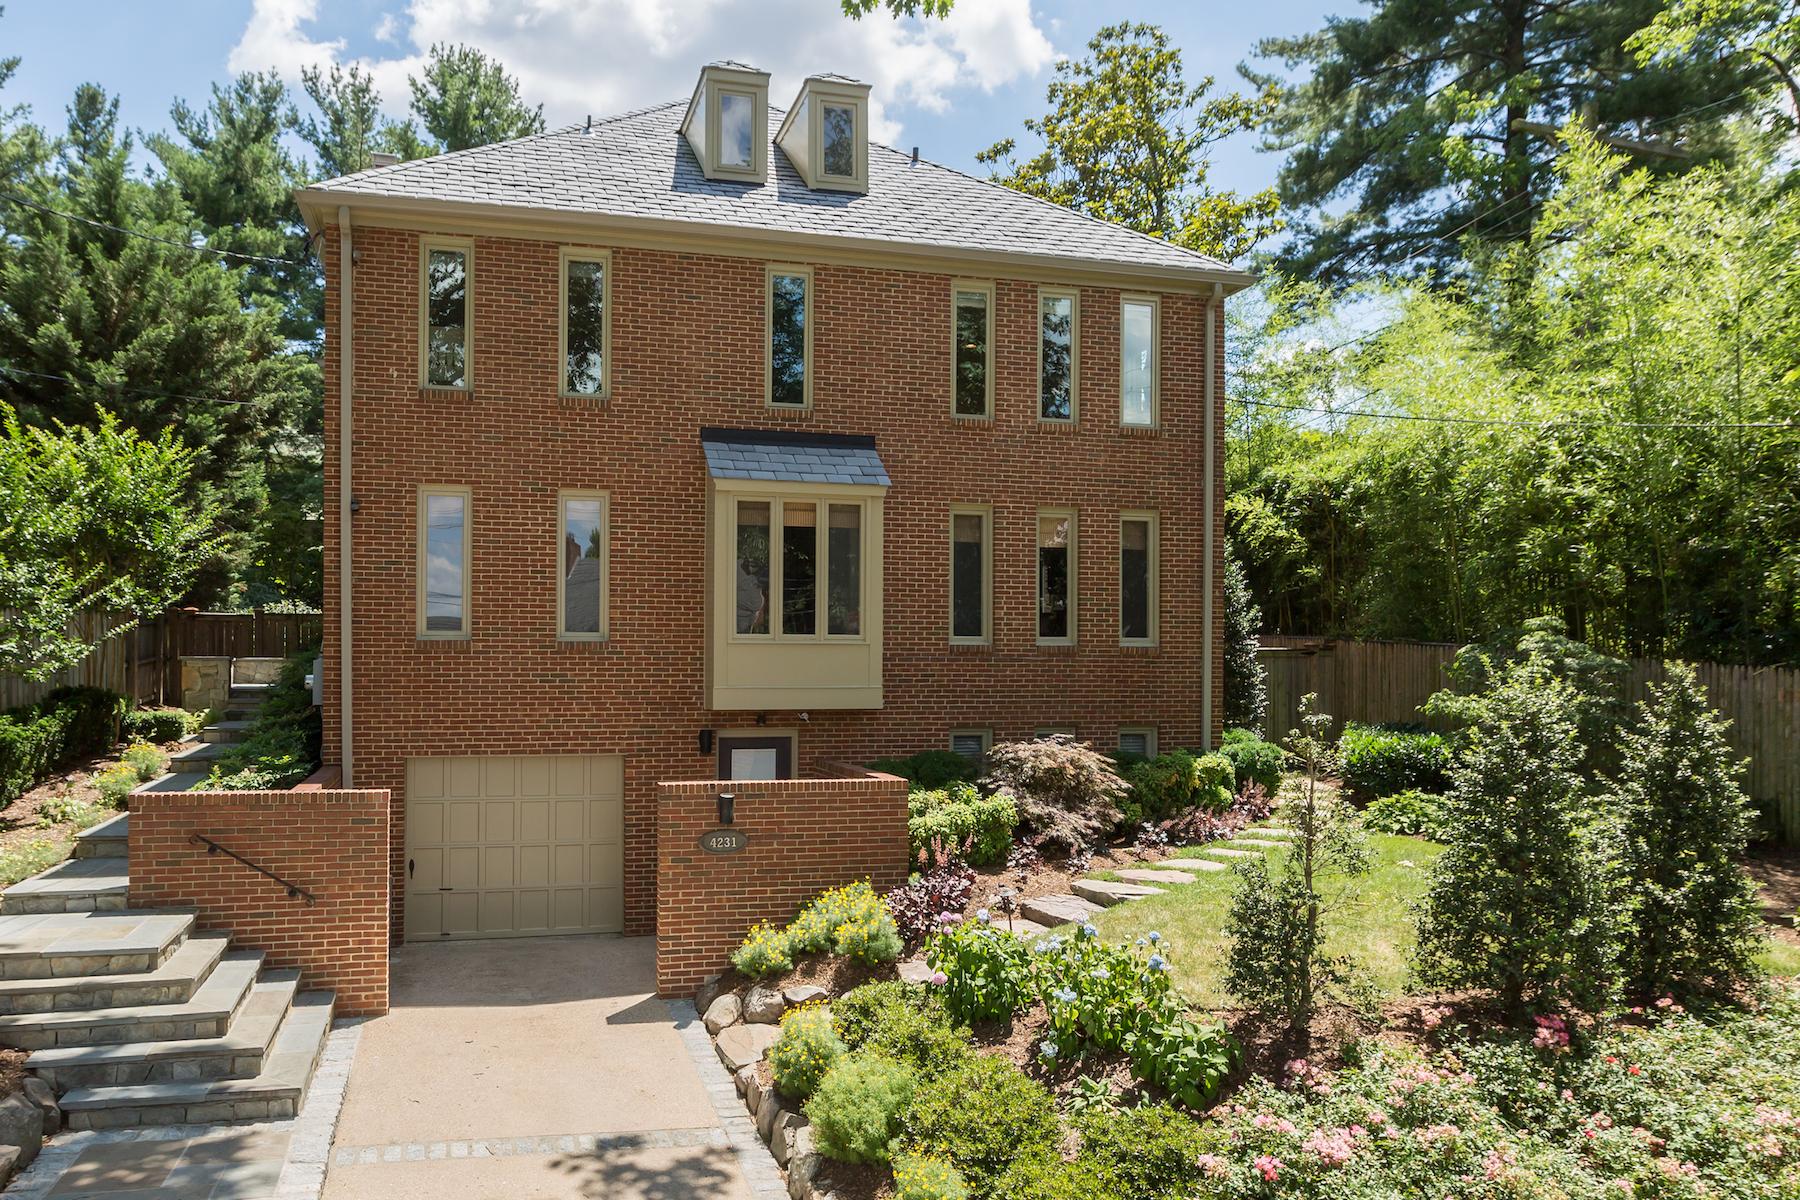 단독 가정 주택 용 매매 에 4231 42nd Street NW Washington, 컬럼비아주, 20016 미국